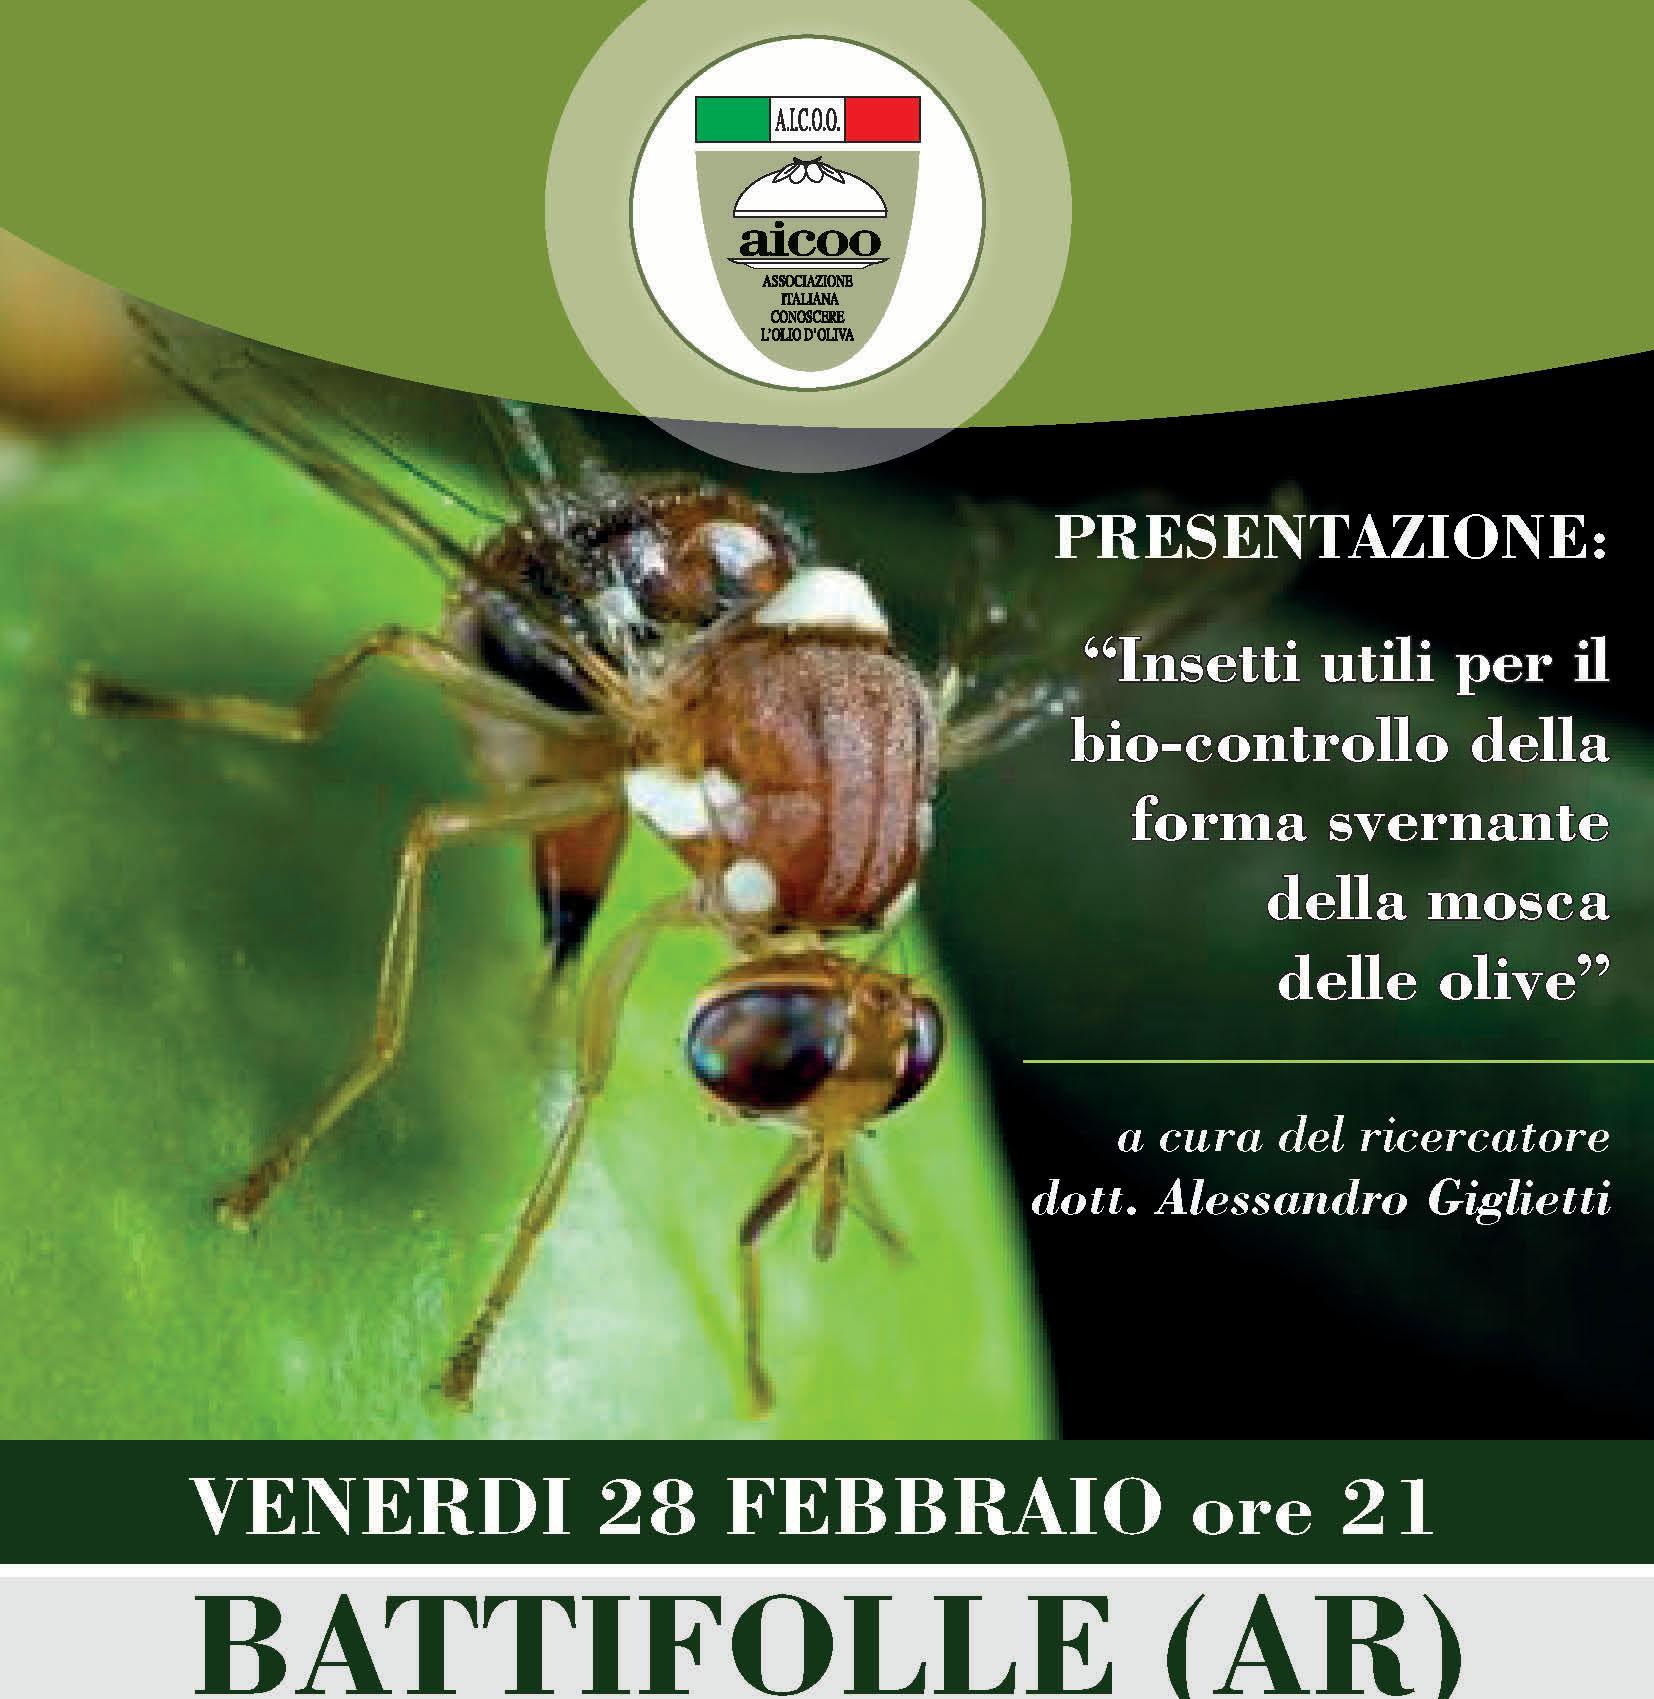 Insetti Utili per il Bio-Controllo della forma svernante della mosca delle olive